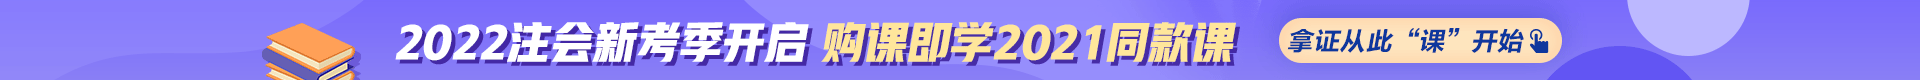 注会考试培训 北京